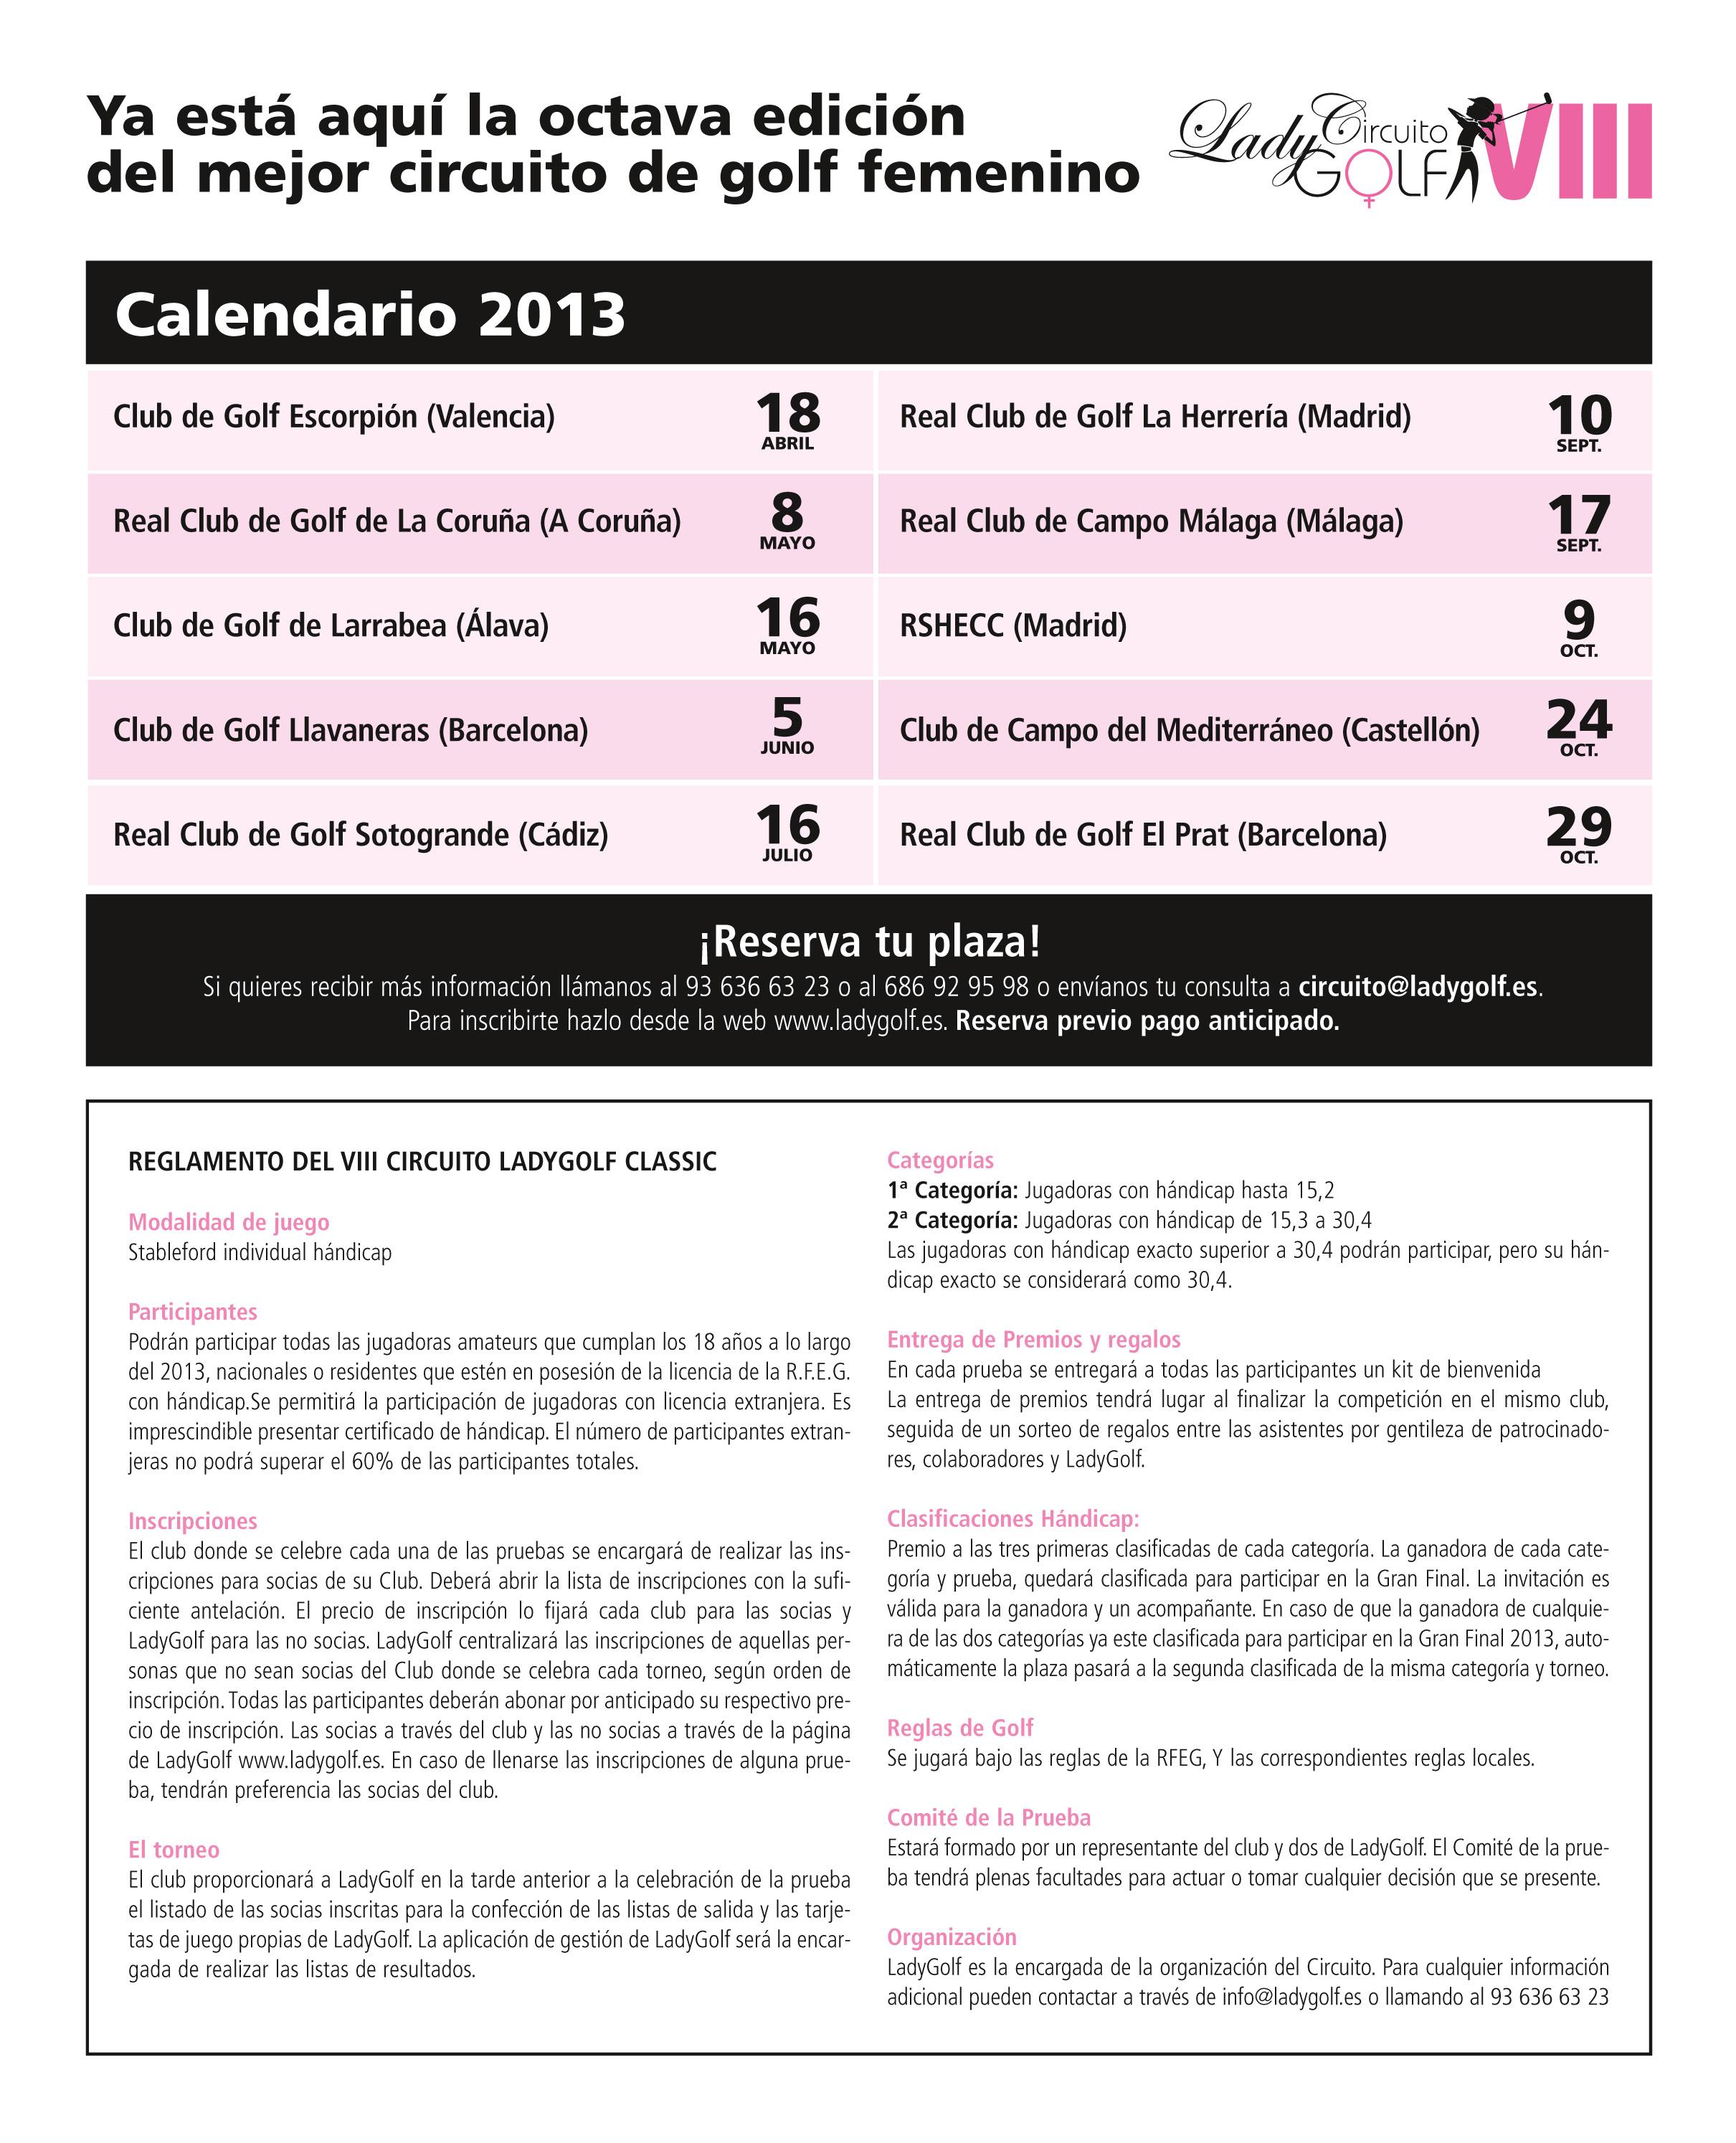 CLGVIII Calendario 2013:Maquetaci?n 1